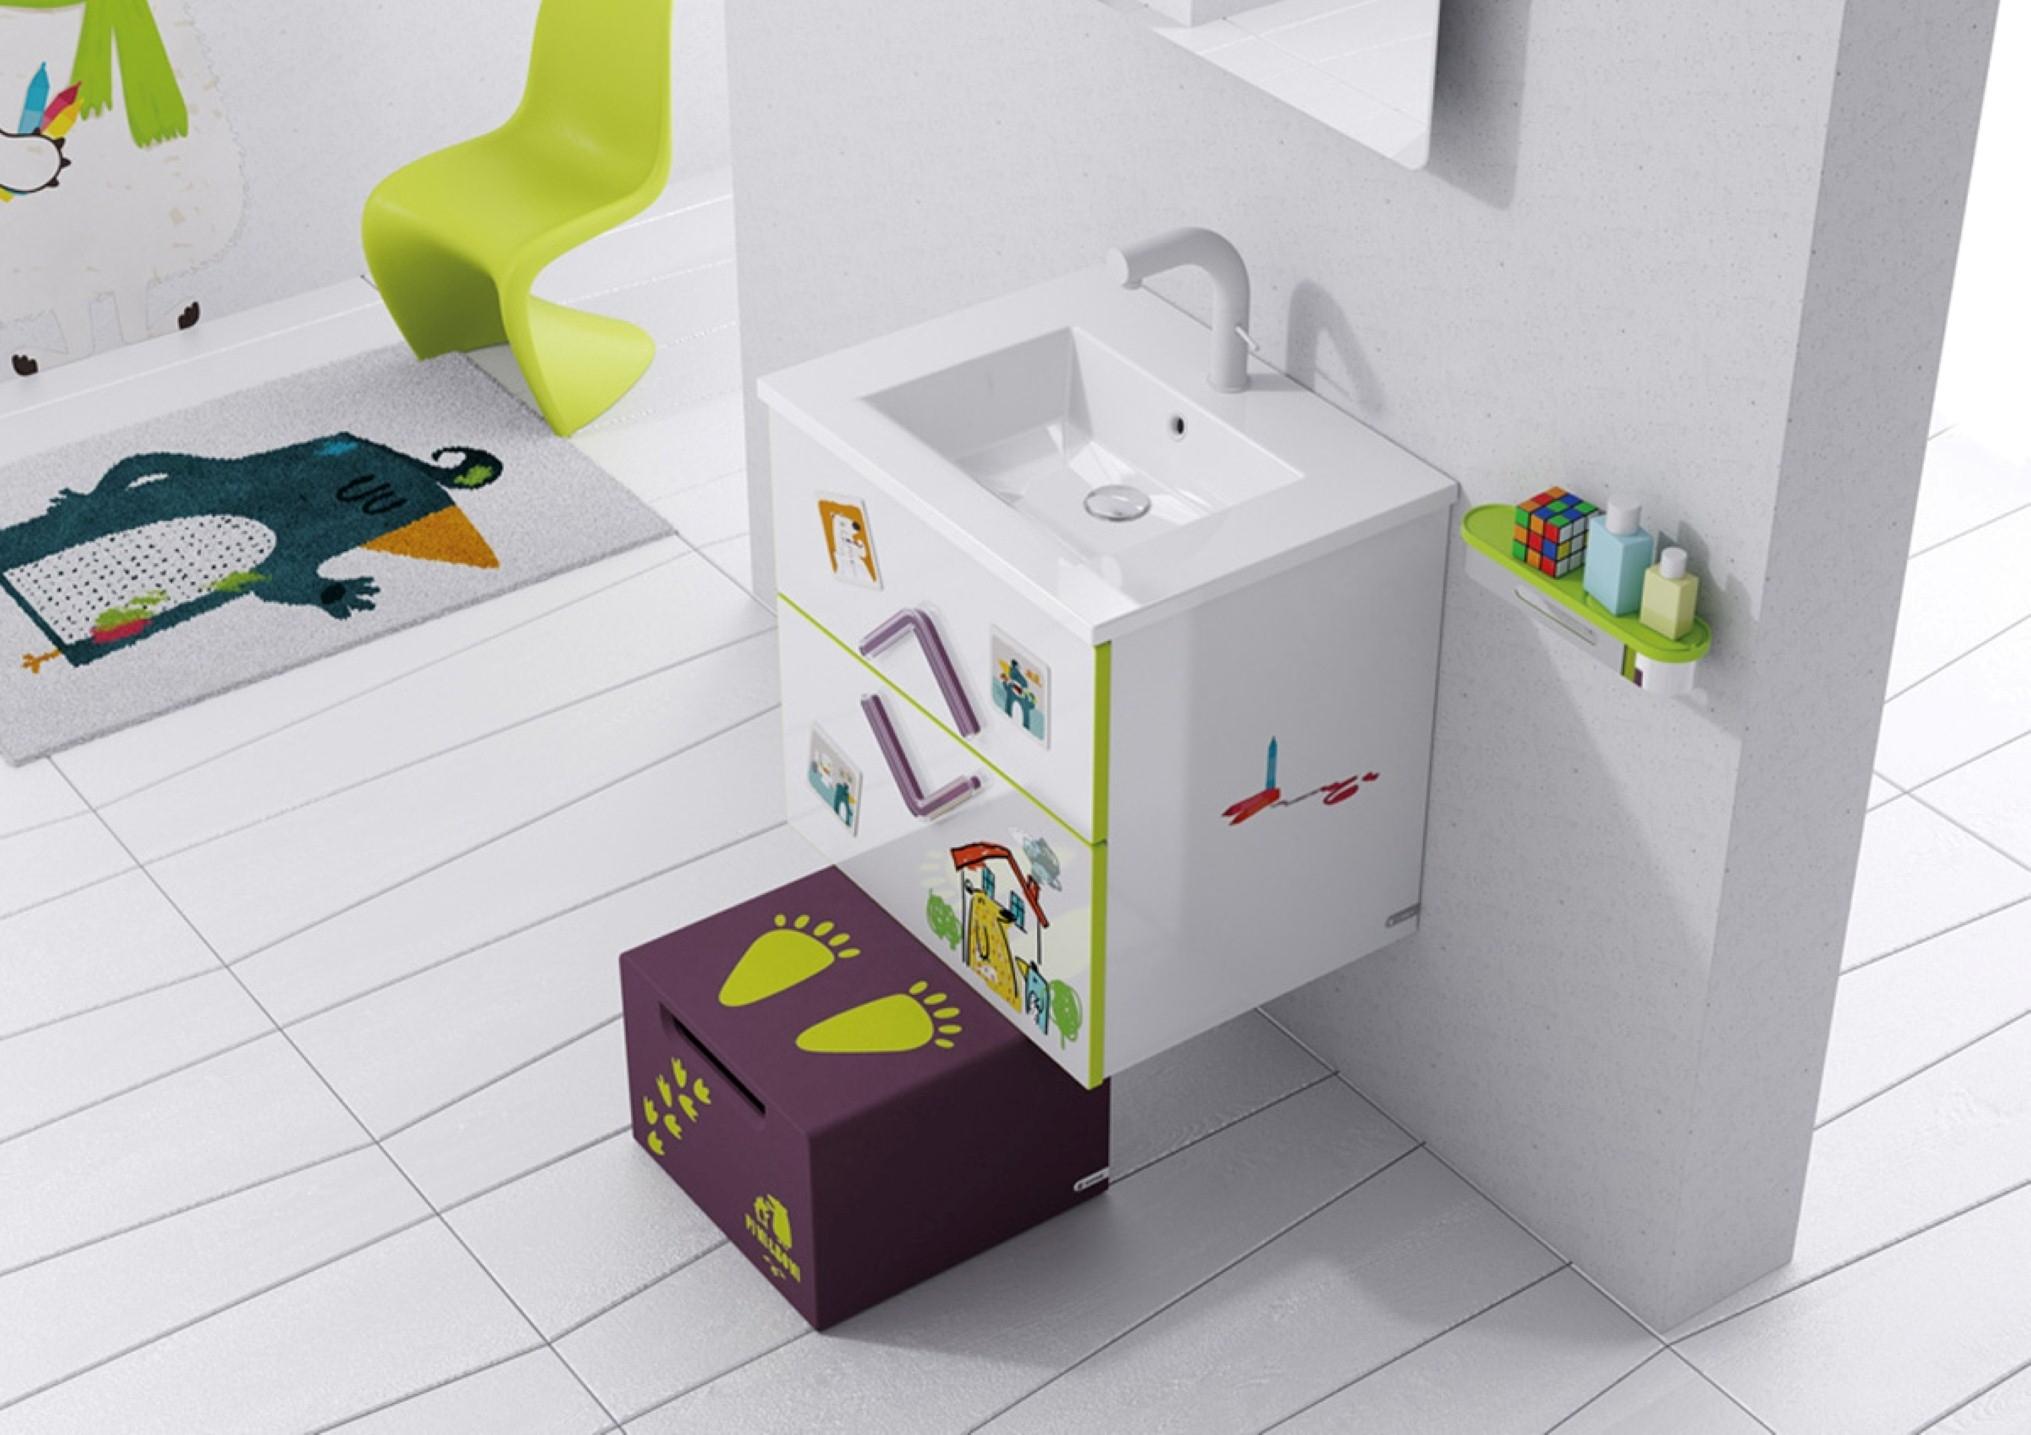 Kids bathroom designs 2016 - Luxury Kids Bathroom Design With Added Design Luxury Kids Bathroom And Artistic To Various Settings Layout